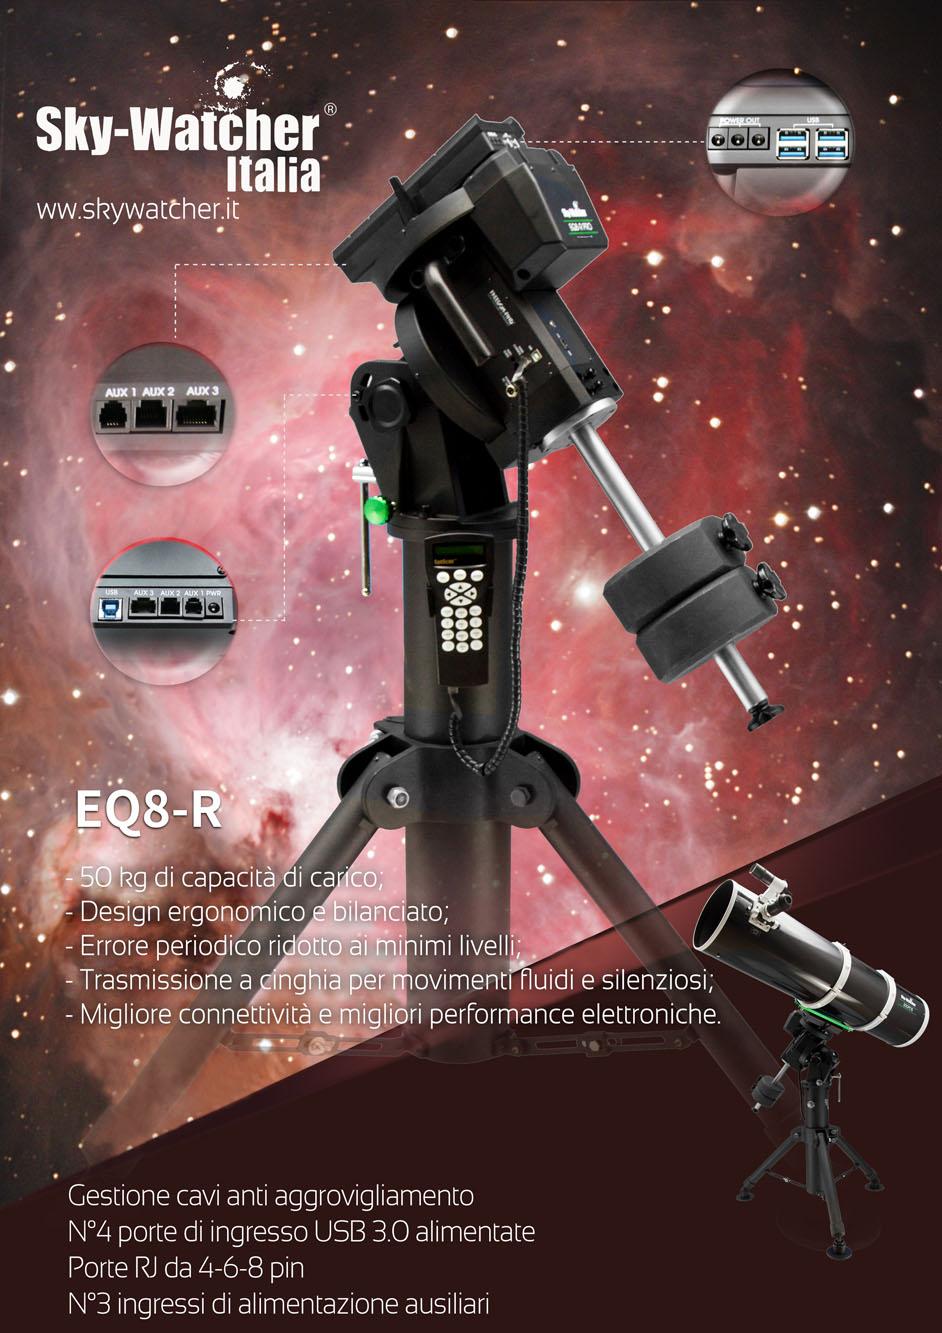 Montatura Equatoriale Sky-Watcher EQ8 R Pro, la nuova ammiraglia delle montature Sky-Watcher- versione solo testa